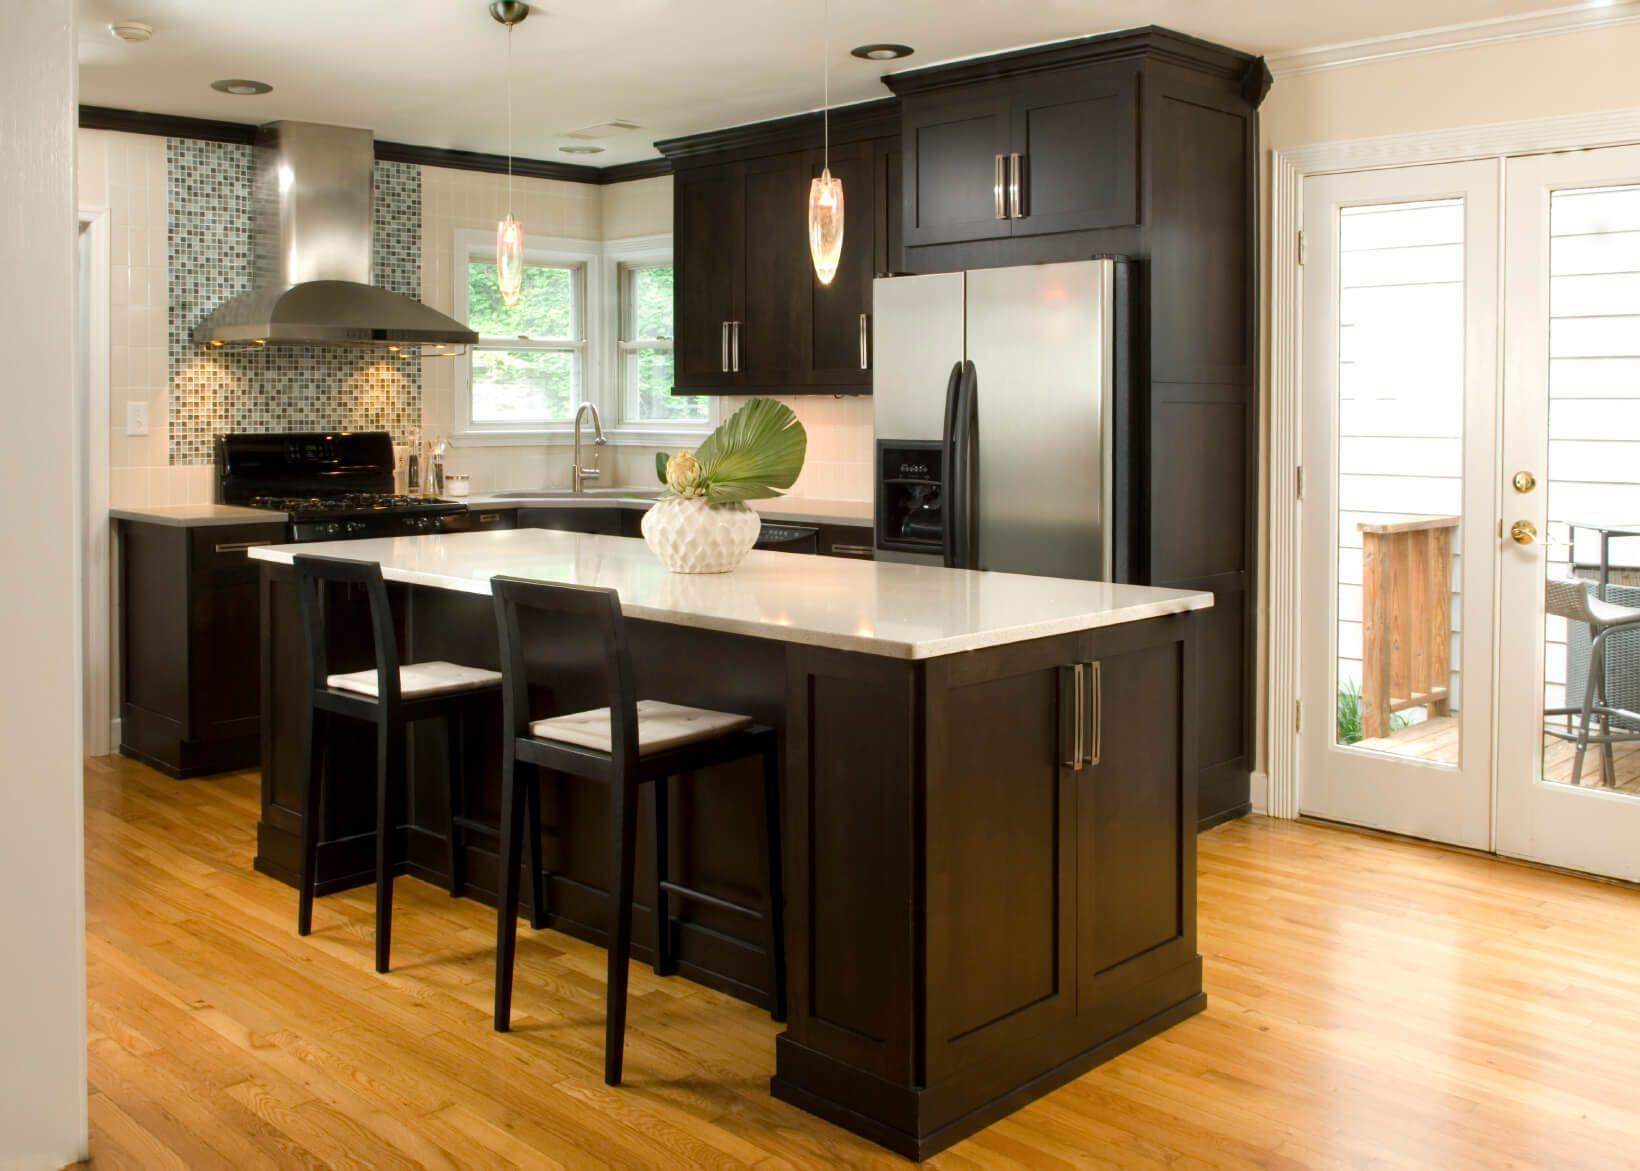 52 Dark Kitchens With Dark Wood Or Black Kitchen Cabinets Classy